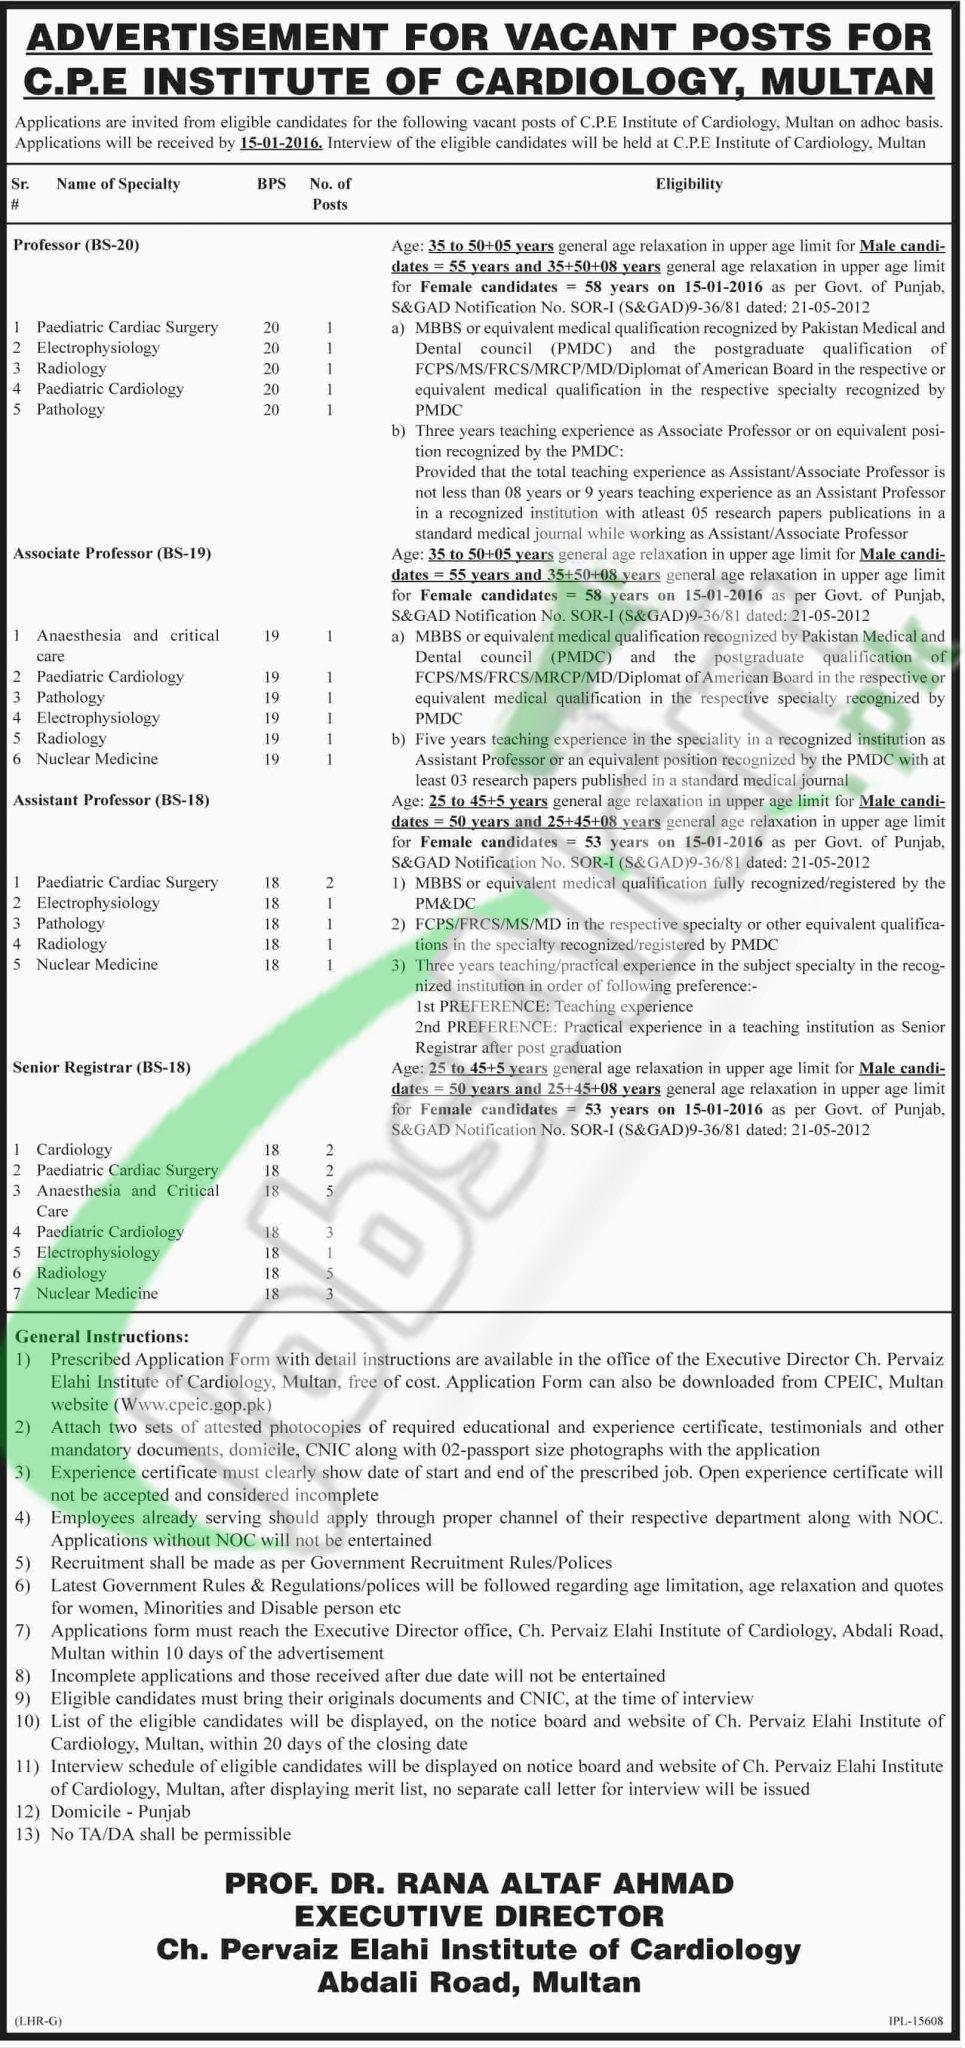 Career opportunities in Chaudhry Pervaiz Elahi Institute of Cardiology Multan